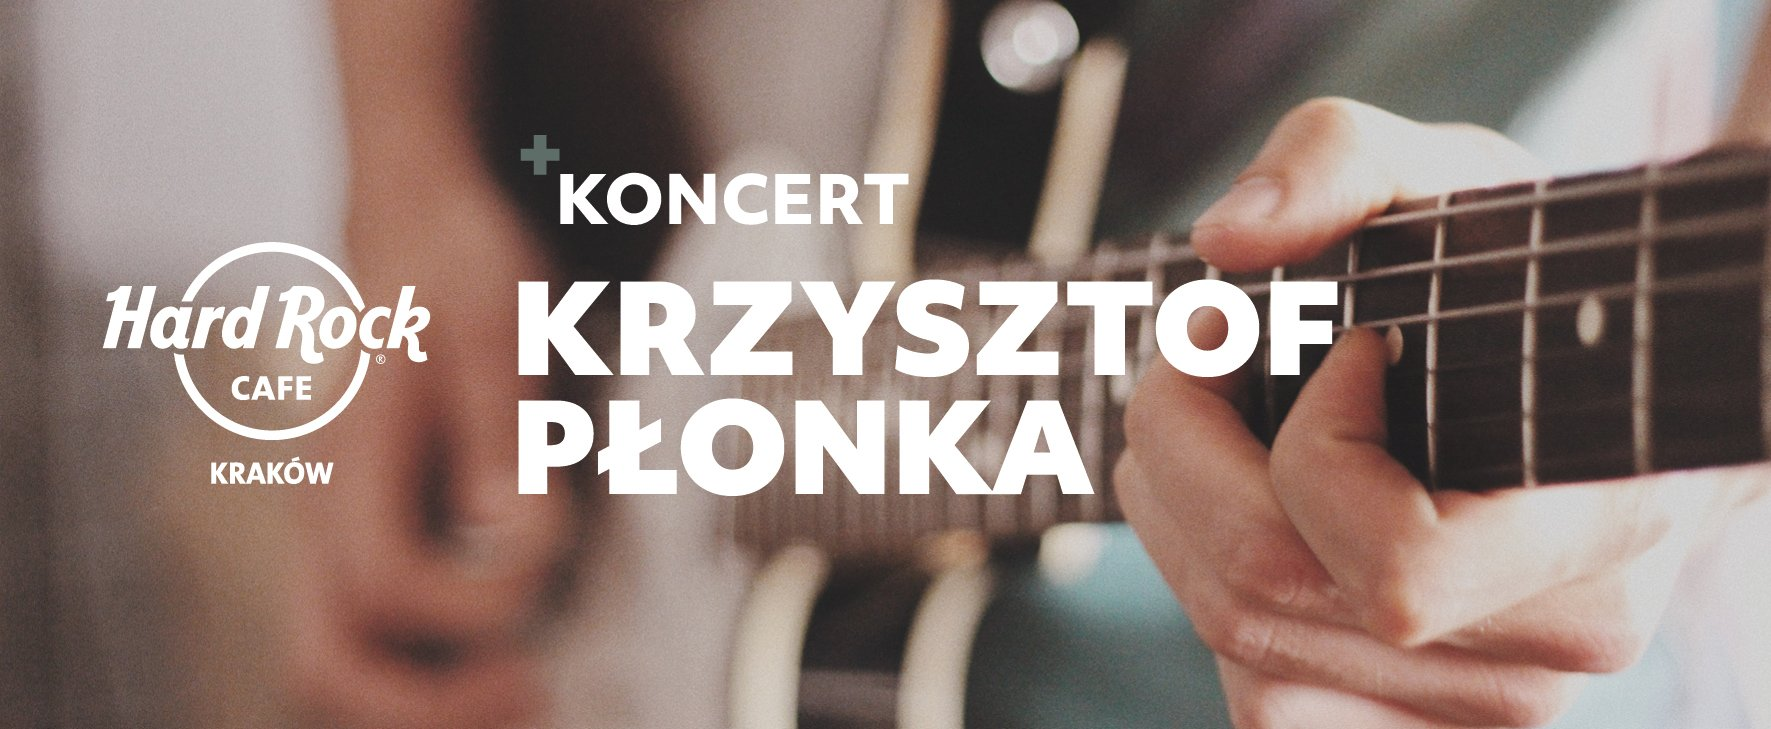 Hard Rock Cafe Kraków koncert